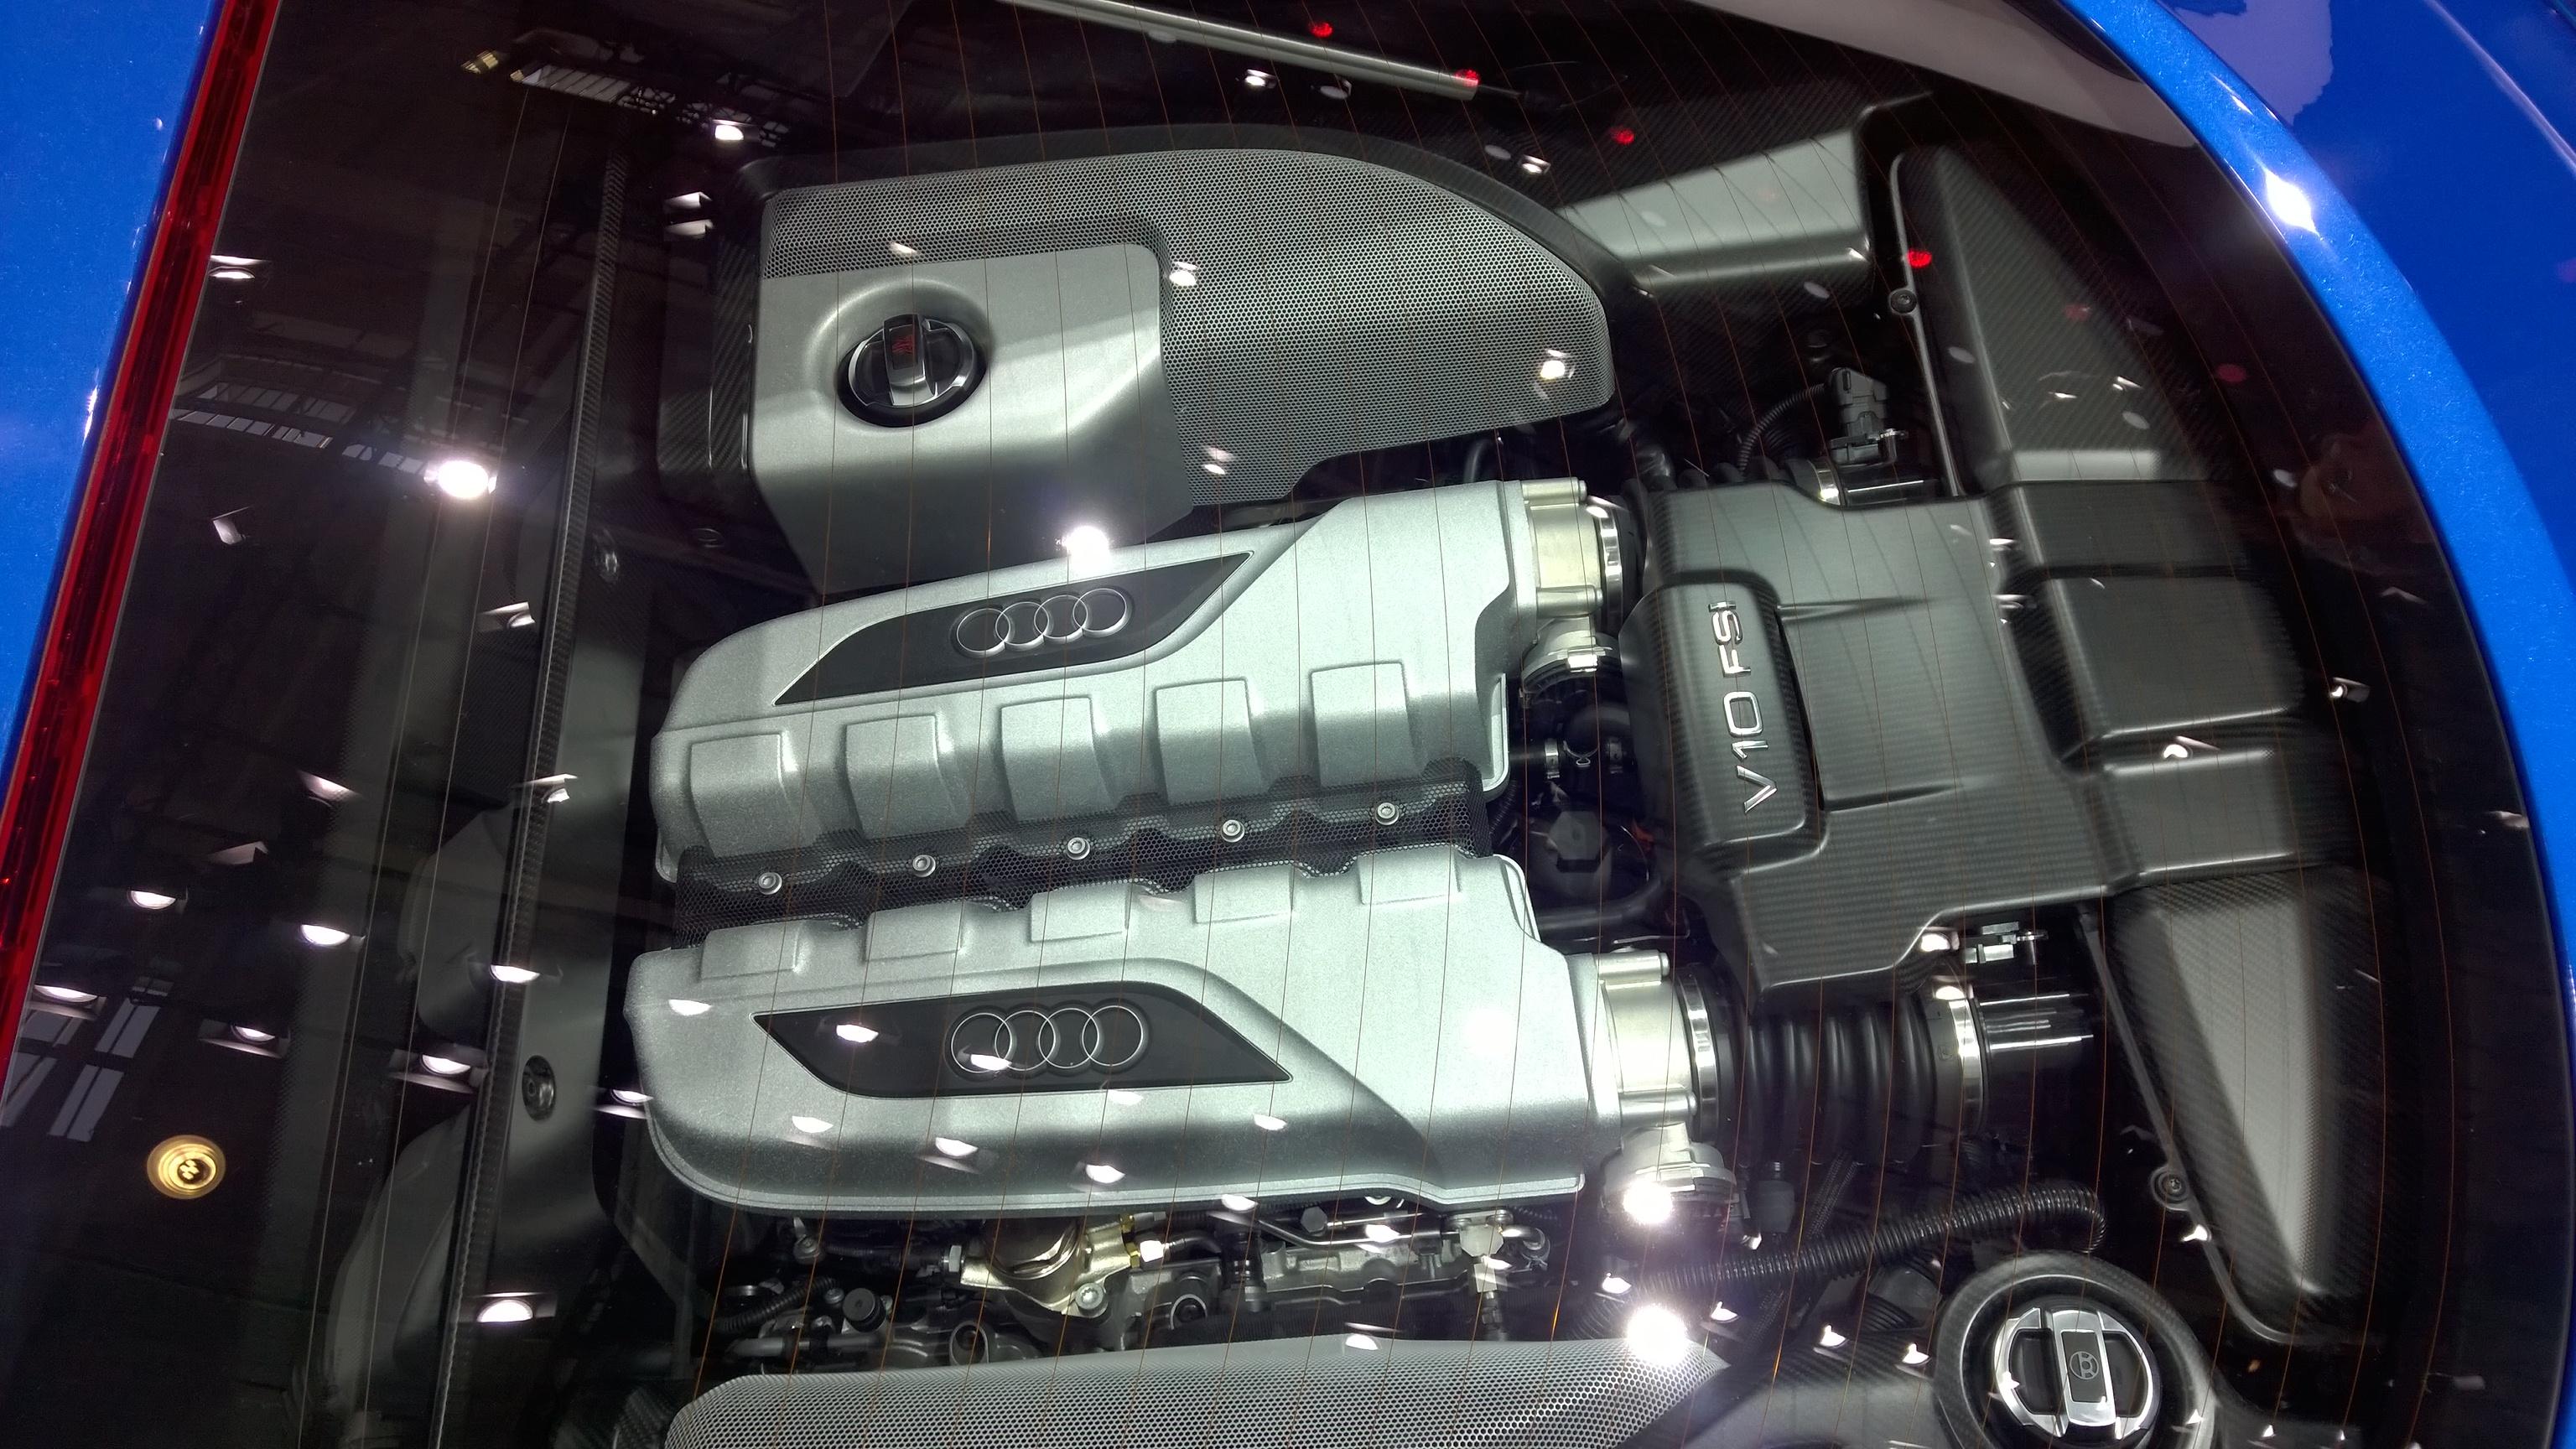 Audi R8 LMX - v10 - Paris 2014 - DESIGNMOTEUR